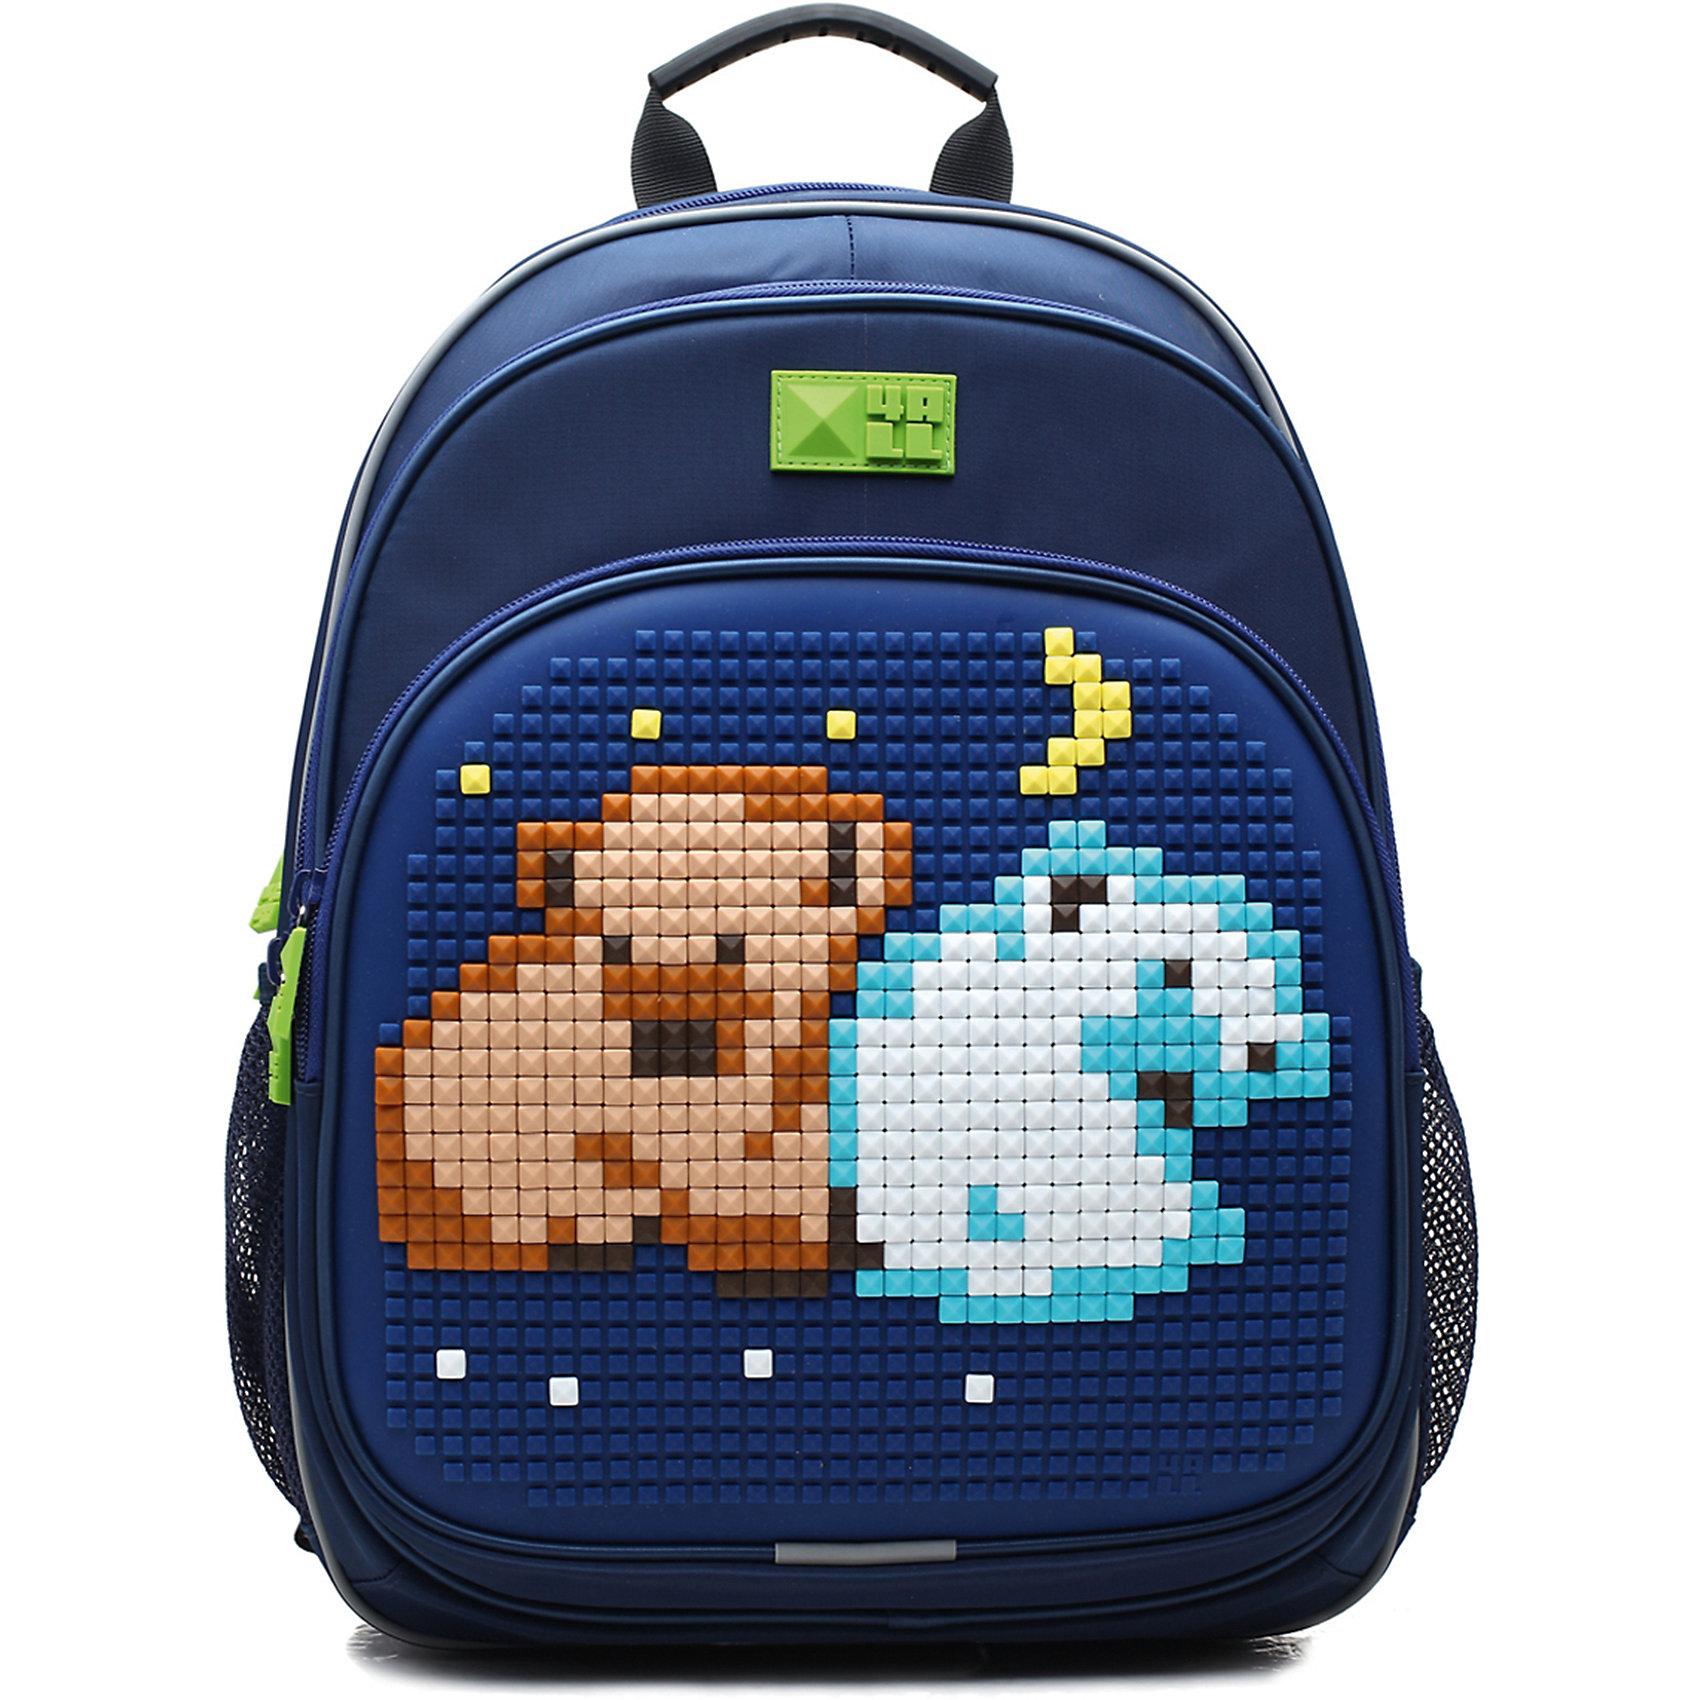 Рюкзак 4ALL, линия Kids, синийРюкзаки<br>Ортопедический рюкзак 4ALL для детей от 7 до 12 лет. Размер  39*27*15см. Вес 950 г. Объем 19 литров. Тип застежки - молния. 3 отделения. 2 боковых кармана-сеточка. Содержит светоотражающие элементы.Вмещает А4. Выполнен из высококачественных материалов: PVC, нейлон и гипоаллергенный силикон (на передней поверхности). Ортопедическая спинка и ERGO system (сводобная циркуляция воздуха). Дно мягкое. Регулируемые лямки. Передняя панель предназначена для декорирования. В комплекте каждого рюкзака приложена картинка и набор Битов STANDART (около 300 элементов из силикона различных цветов)<br><br>Ширина мм: 390<br>Глубина мм: 270<br>Высота мм: 150<br>Вес г: 950<br>Возраст от месяцев: 72<br>Возраст до месяцев: 144<br>Пол: Мужской<br>Возраст: Детский<br>SKU: 6840943